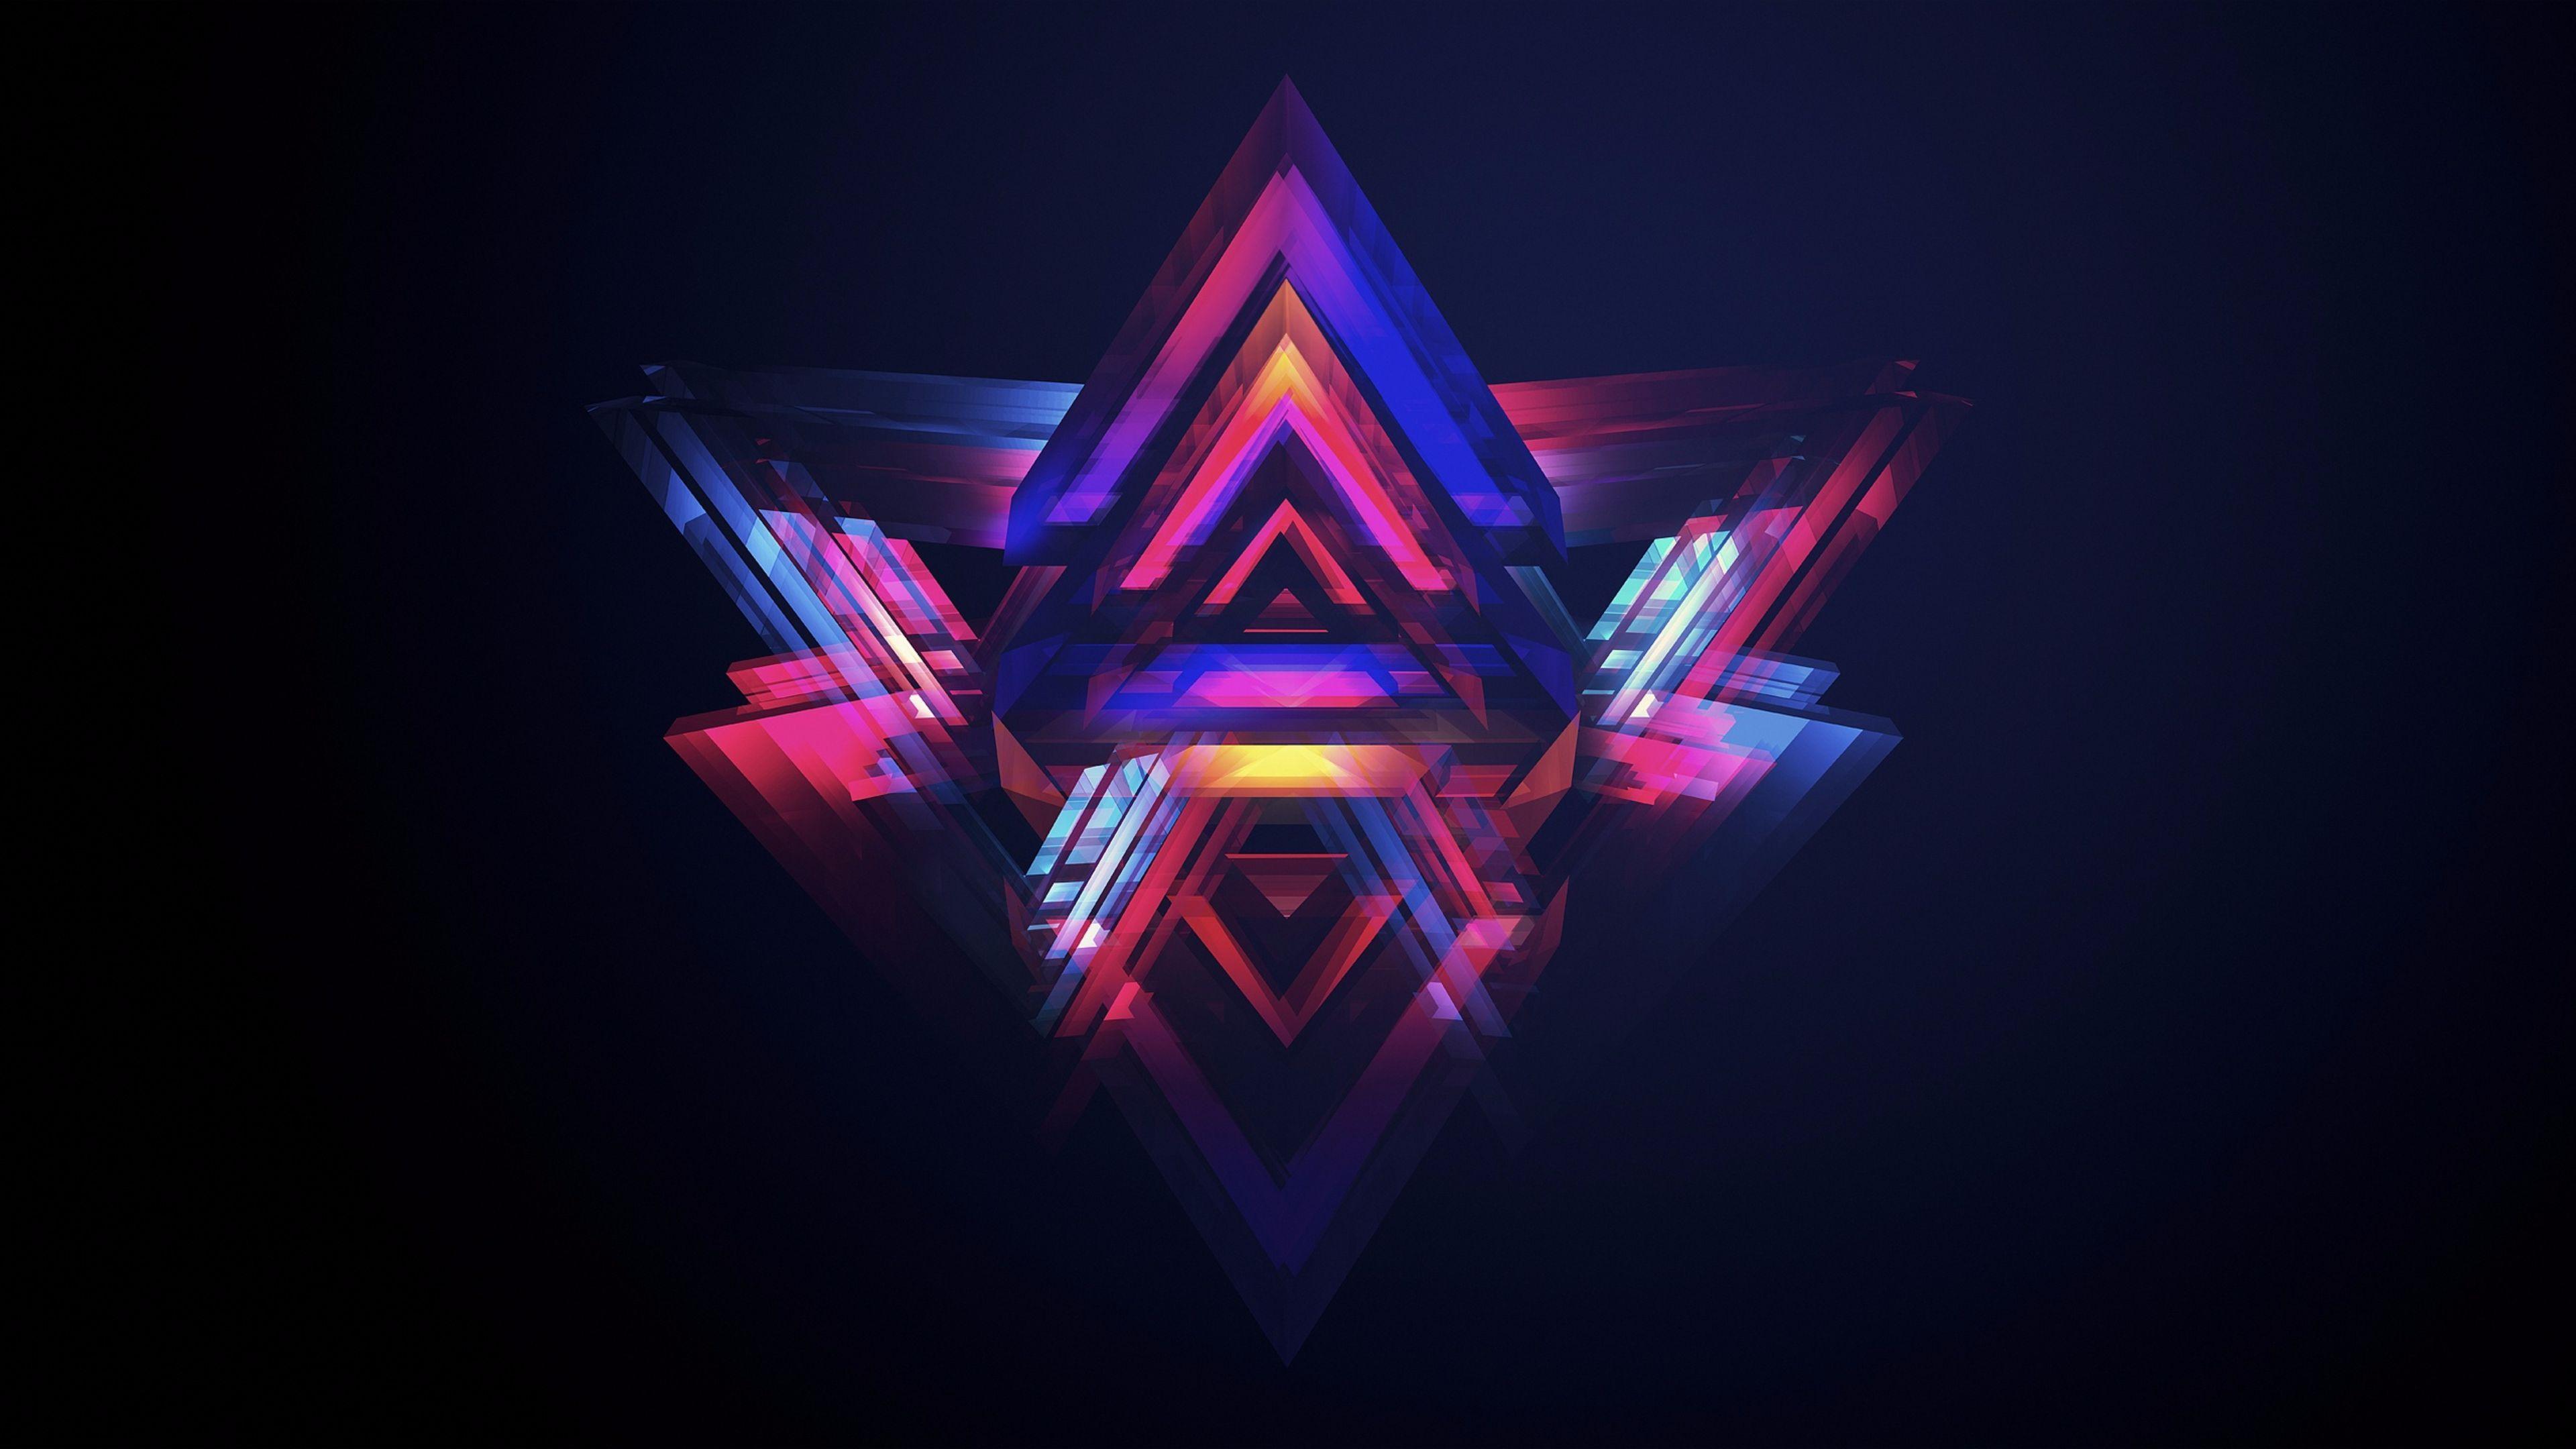 ColorfulPyramidAbstract4KWallpaper.jpg (3840×2160